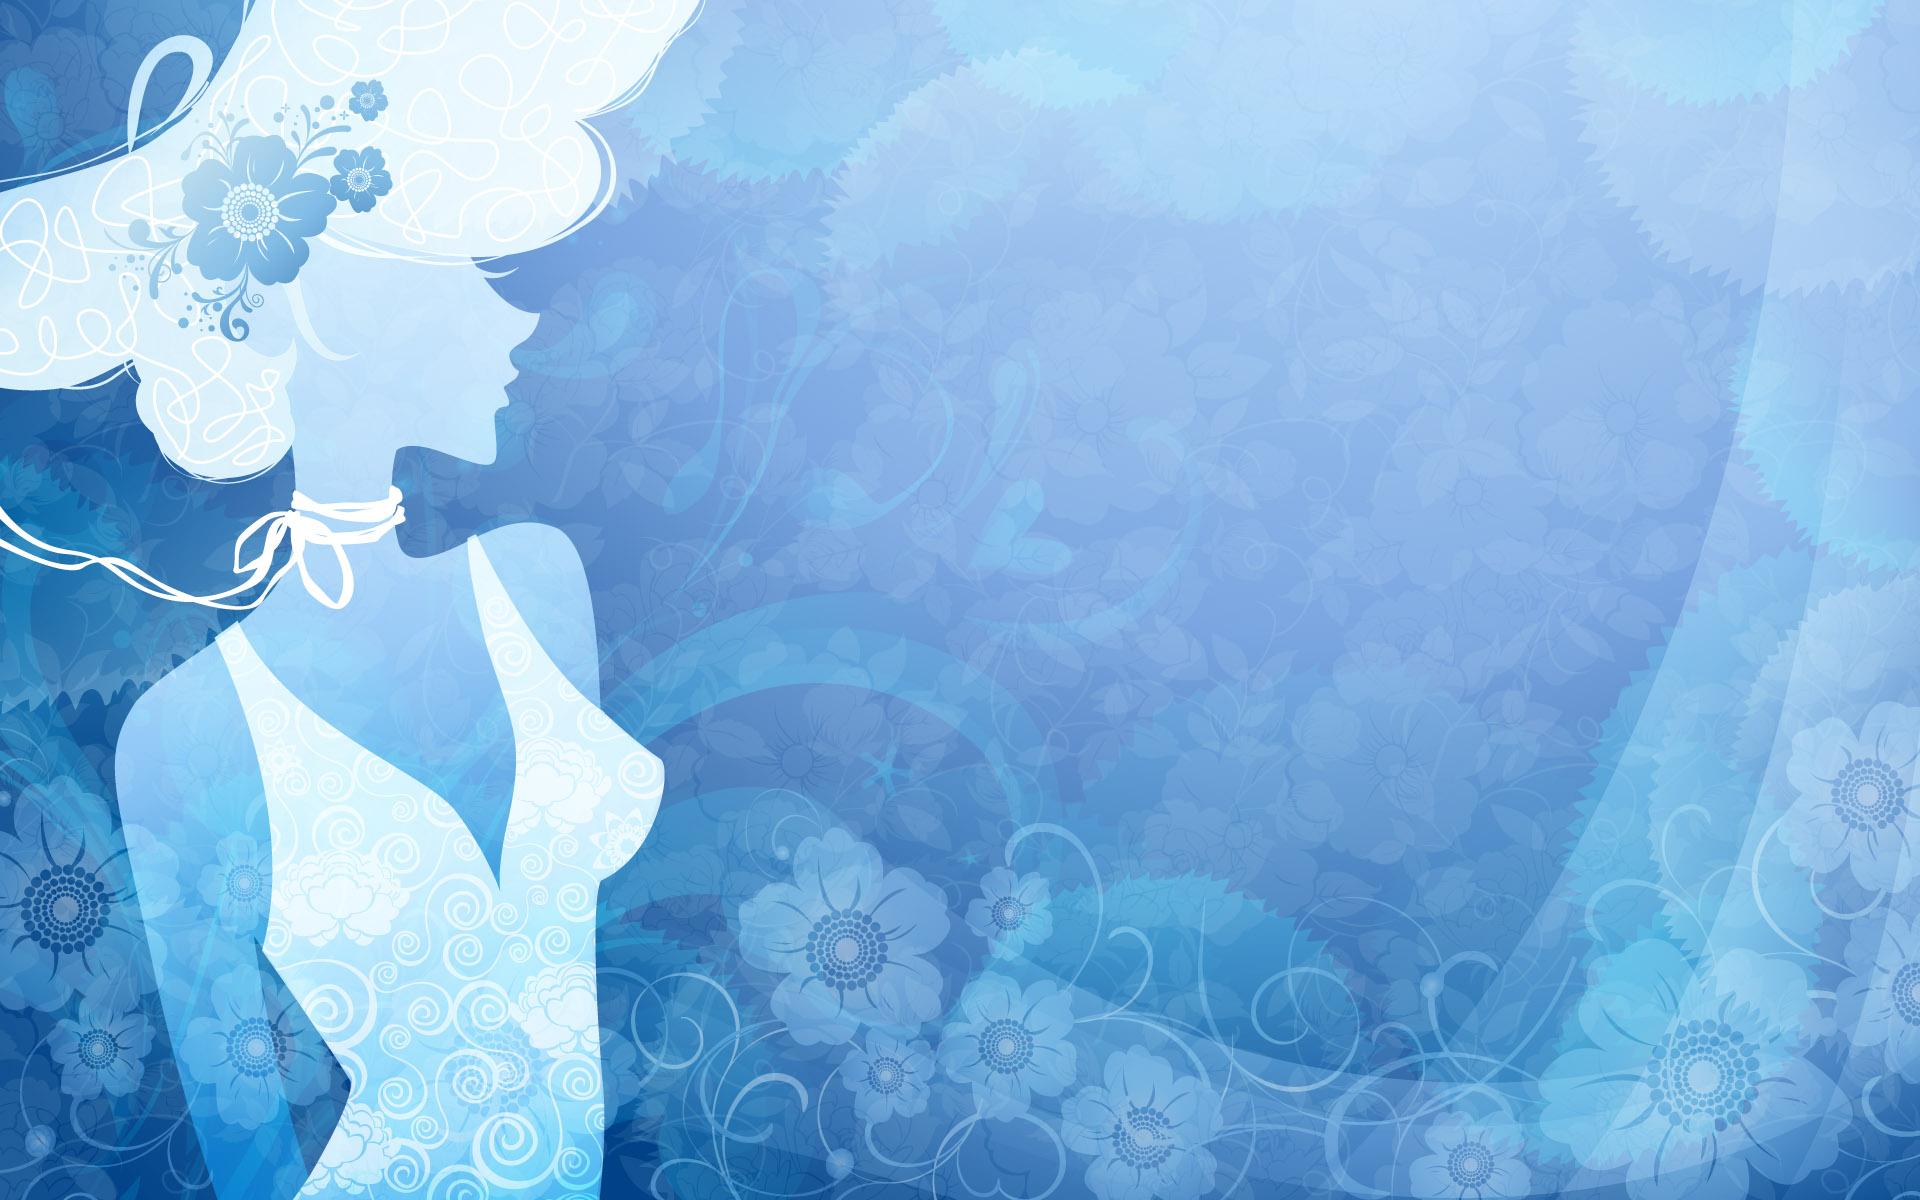 【制作网页素材篇】时尚美女剪纸轮廓高清背景图片素材2 - 浪漫人生